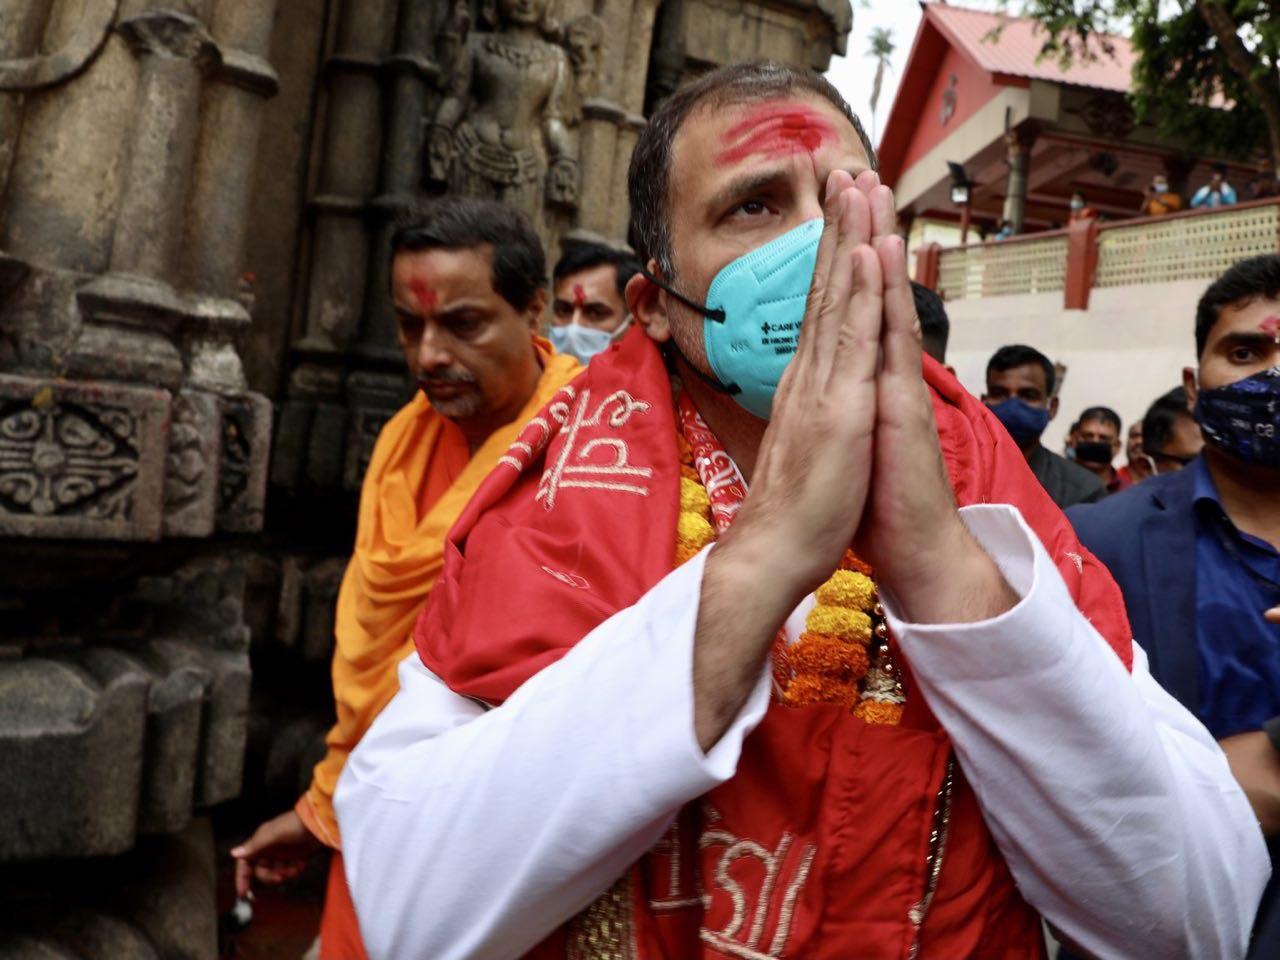 राहुल गांधी ने किए कामाख्या मंदिर में दर्शन, बोले- हम जो वादा लोगों से कर रहे, उसे निभाएंगे